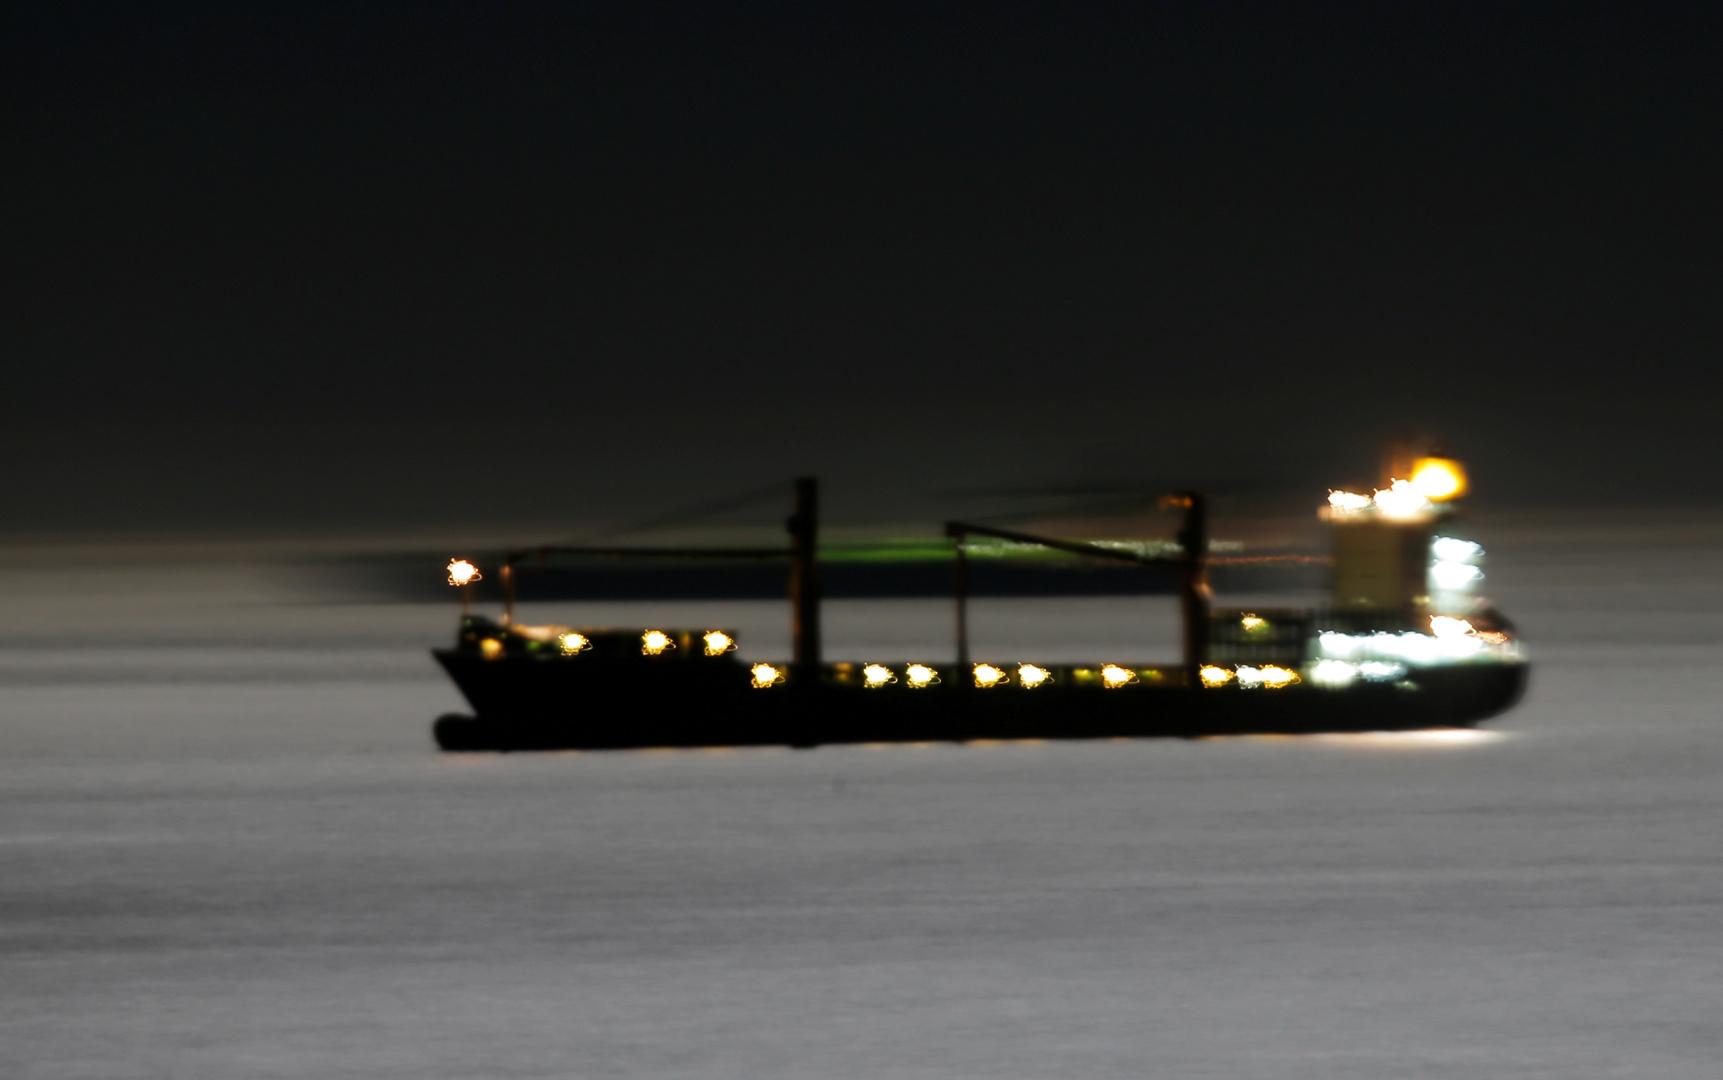 القائمة الكاملة بالناقلات والسفن الإيرانية التي هوجمت في البحرين الأحمر والمتوسط